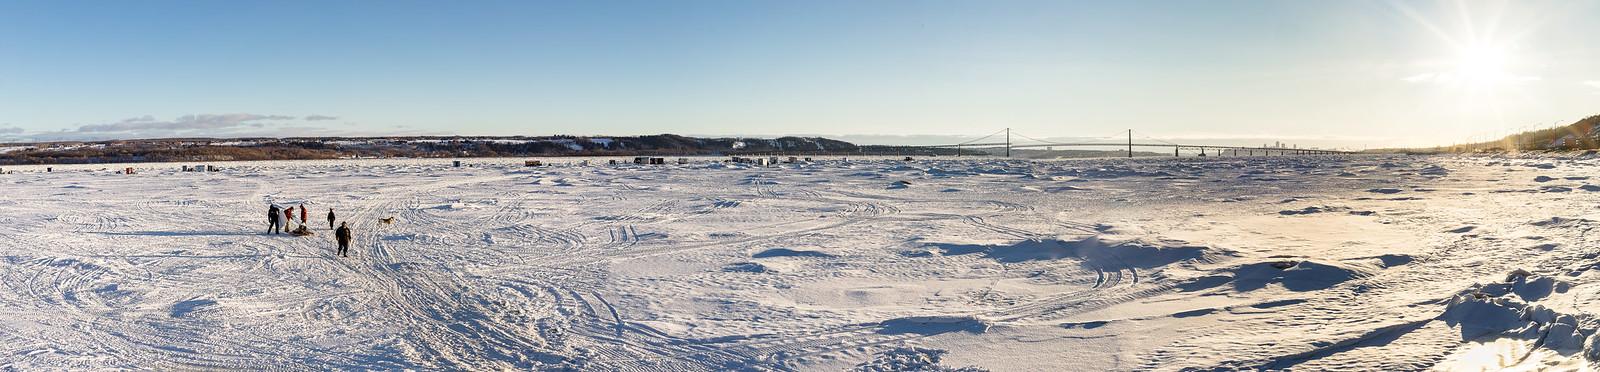 Pêche sur la glace... 43227995362_3c26a7d11d_h